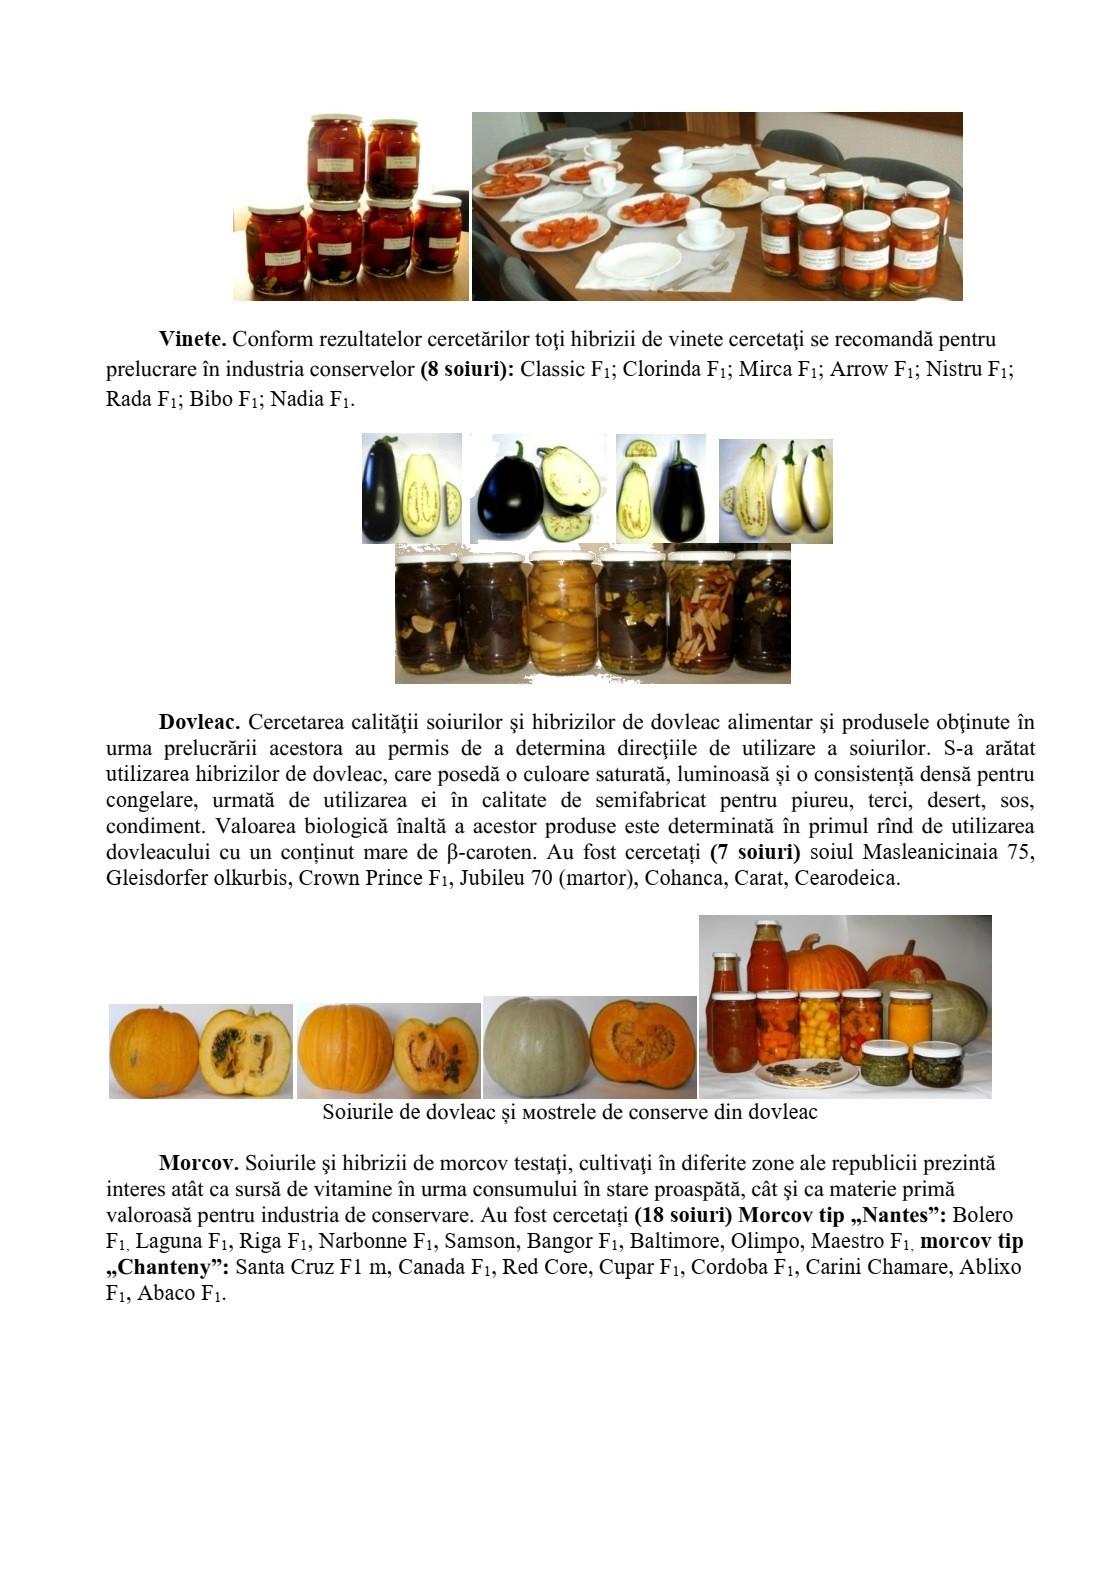 Elaborarea tehnologiei complexe de producere a alimentelor prin utilizarea proceselor moderne de tratare a materiei prime agricole.